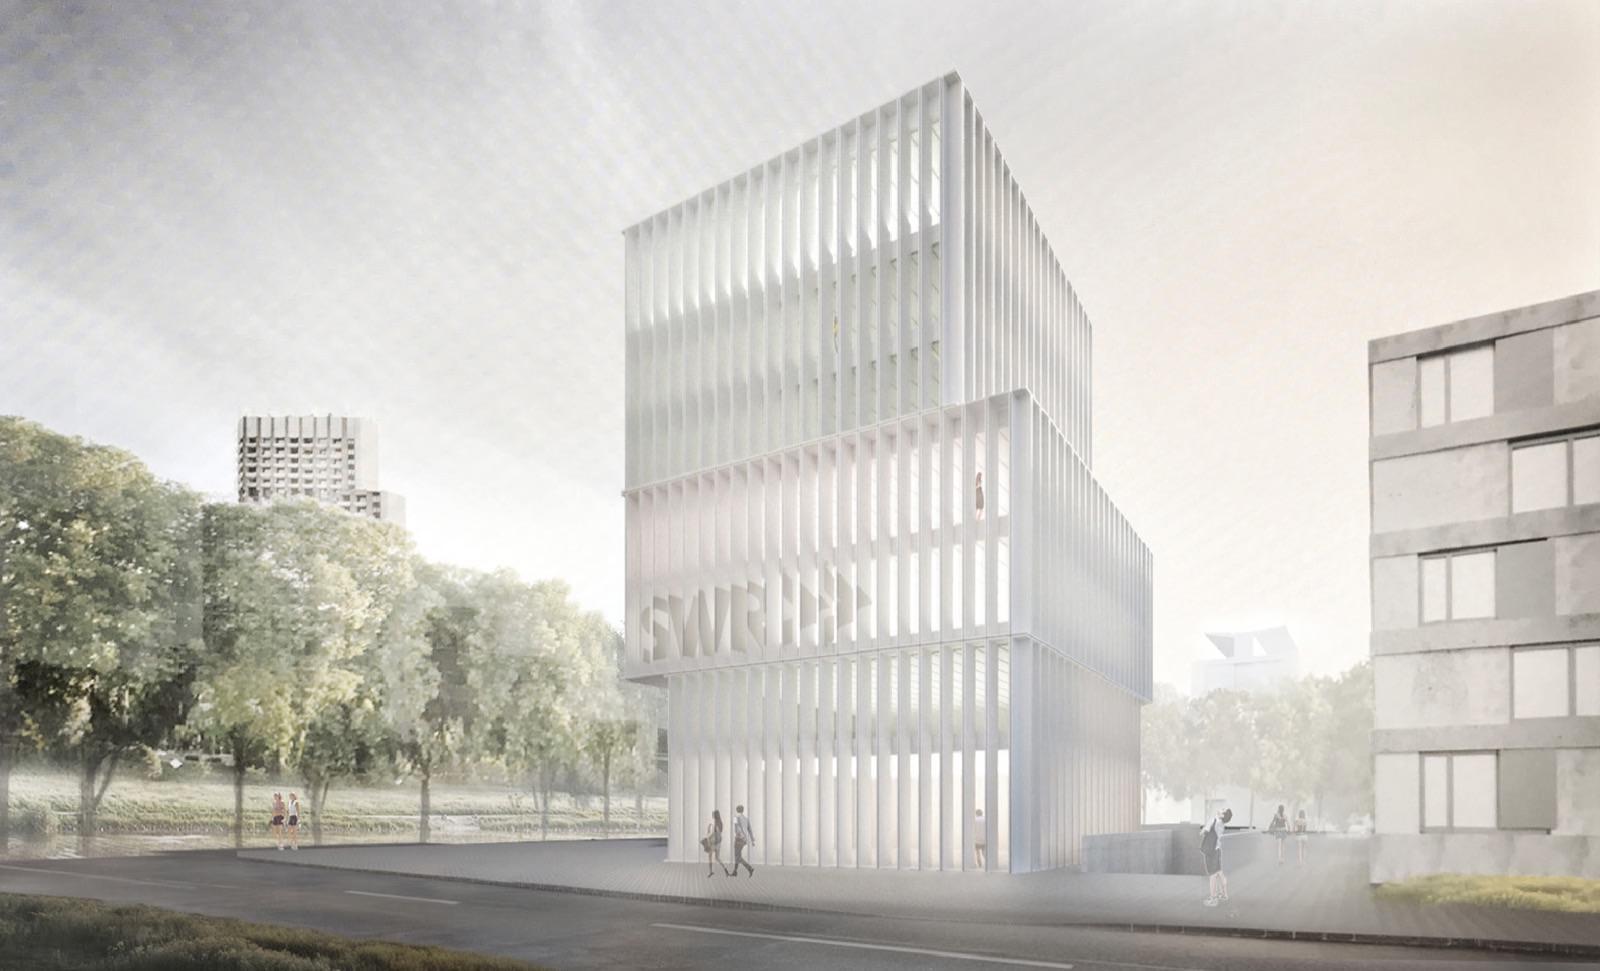 Der Entwurf des SWR-Neubaus an der Schafweide wurde auf der Bezirksbeiratssitzung präsentiert | Bild: SWR